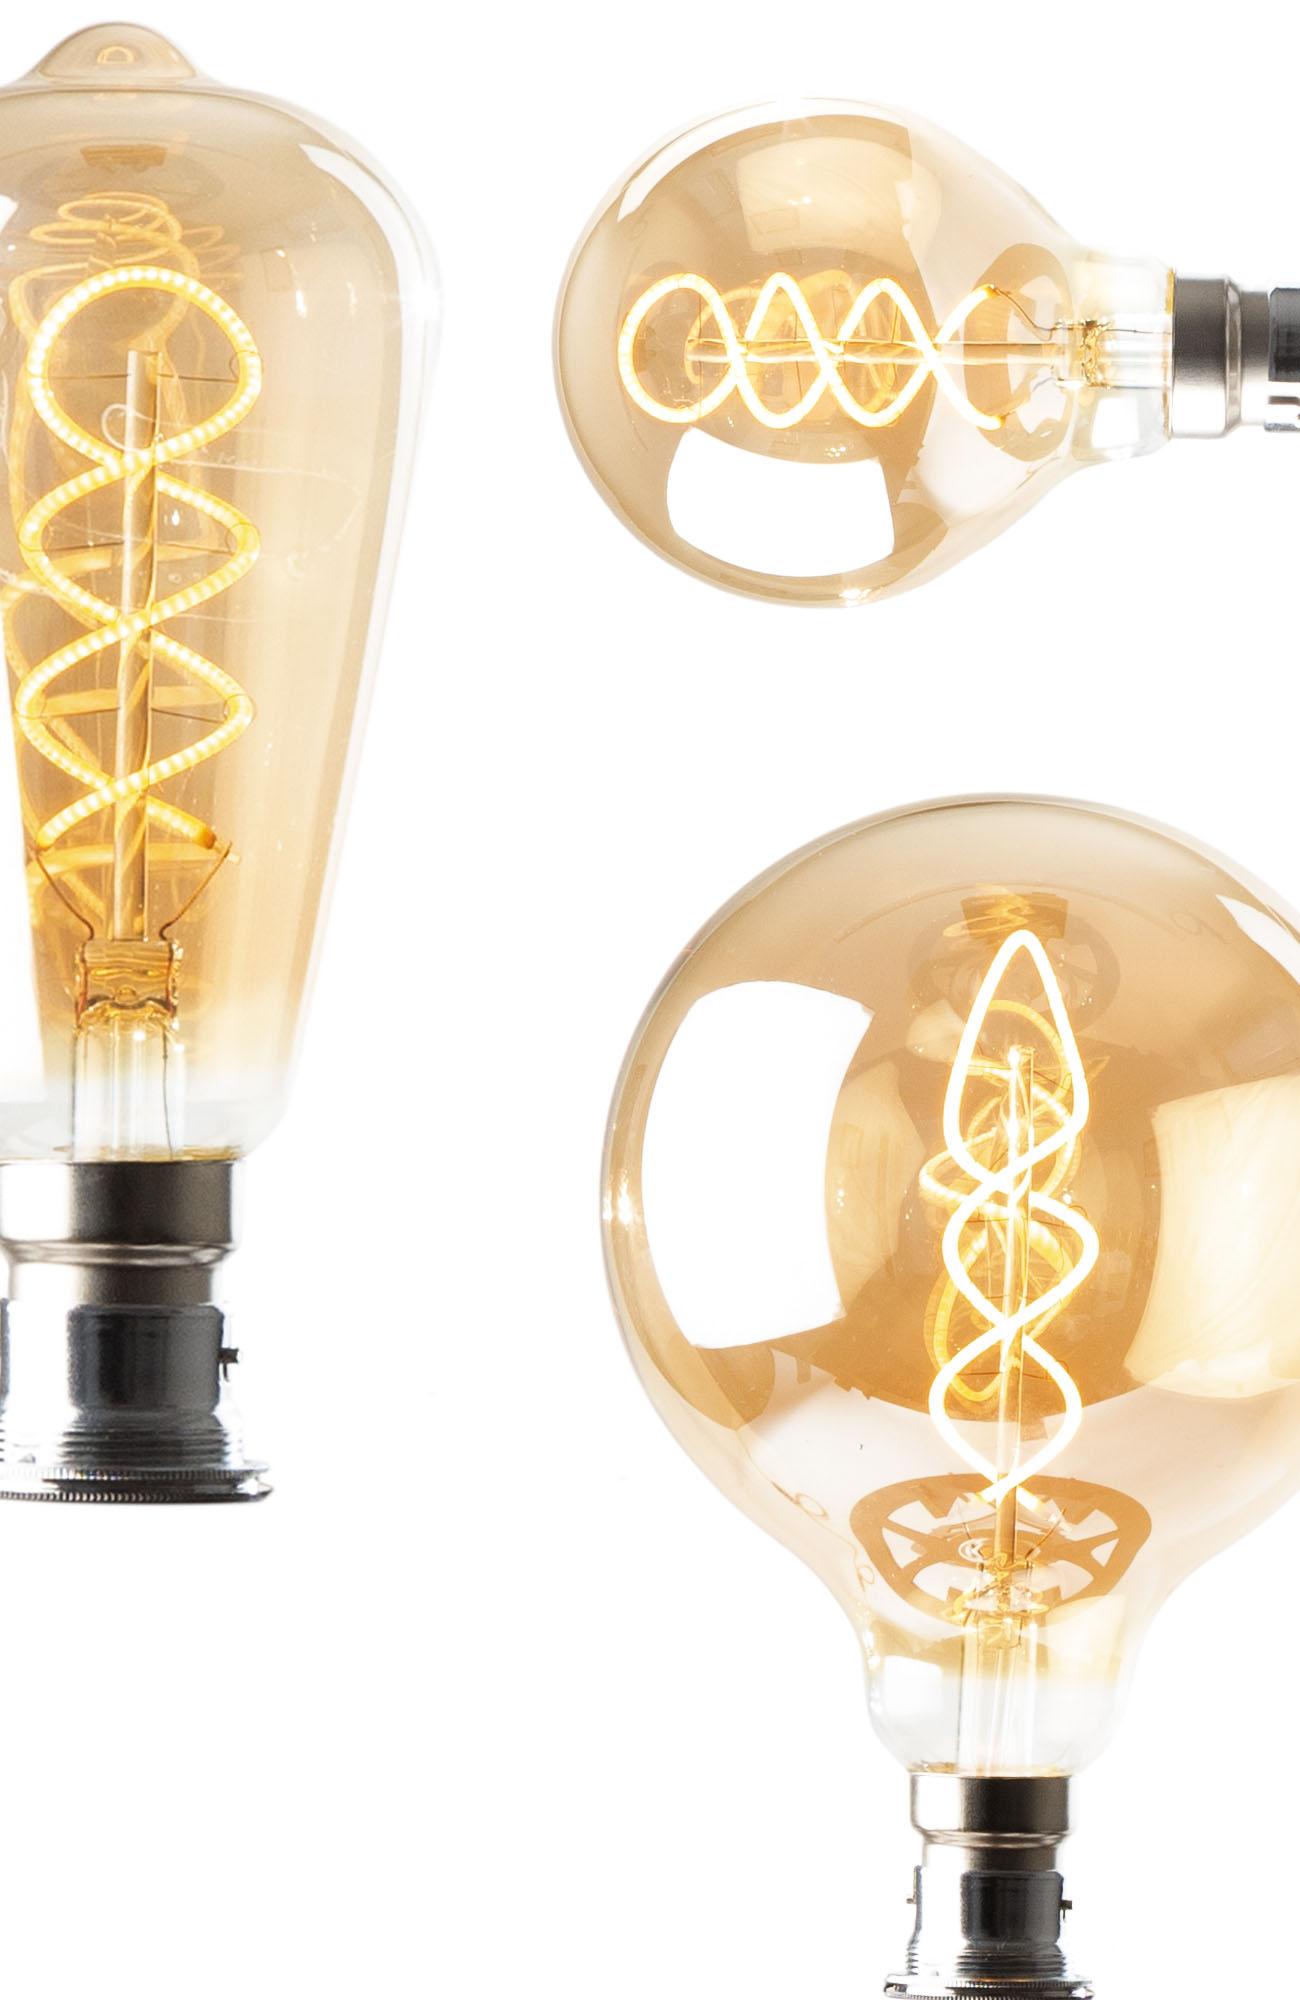 Ornate LED light bulb